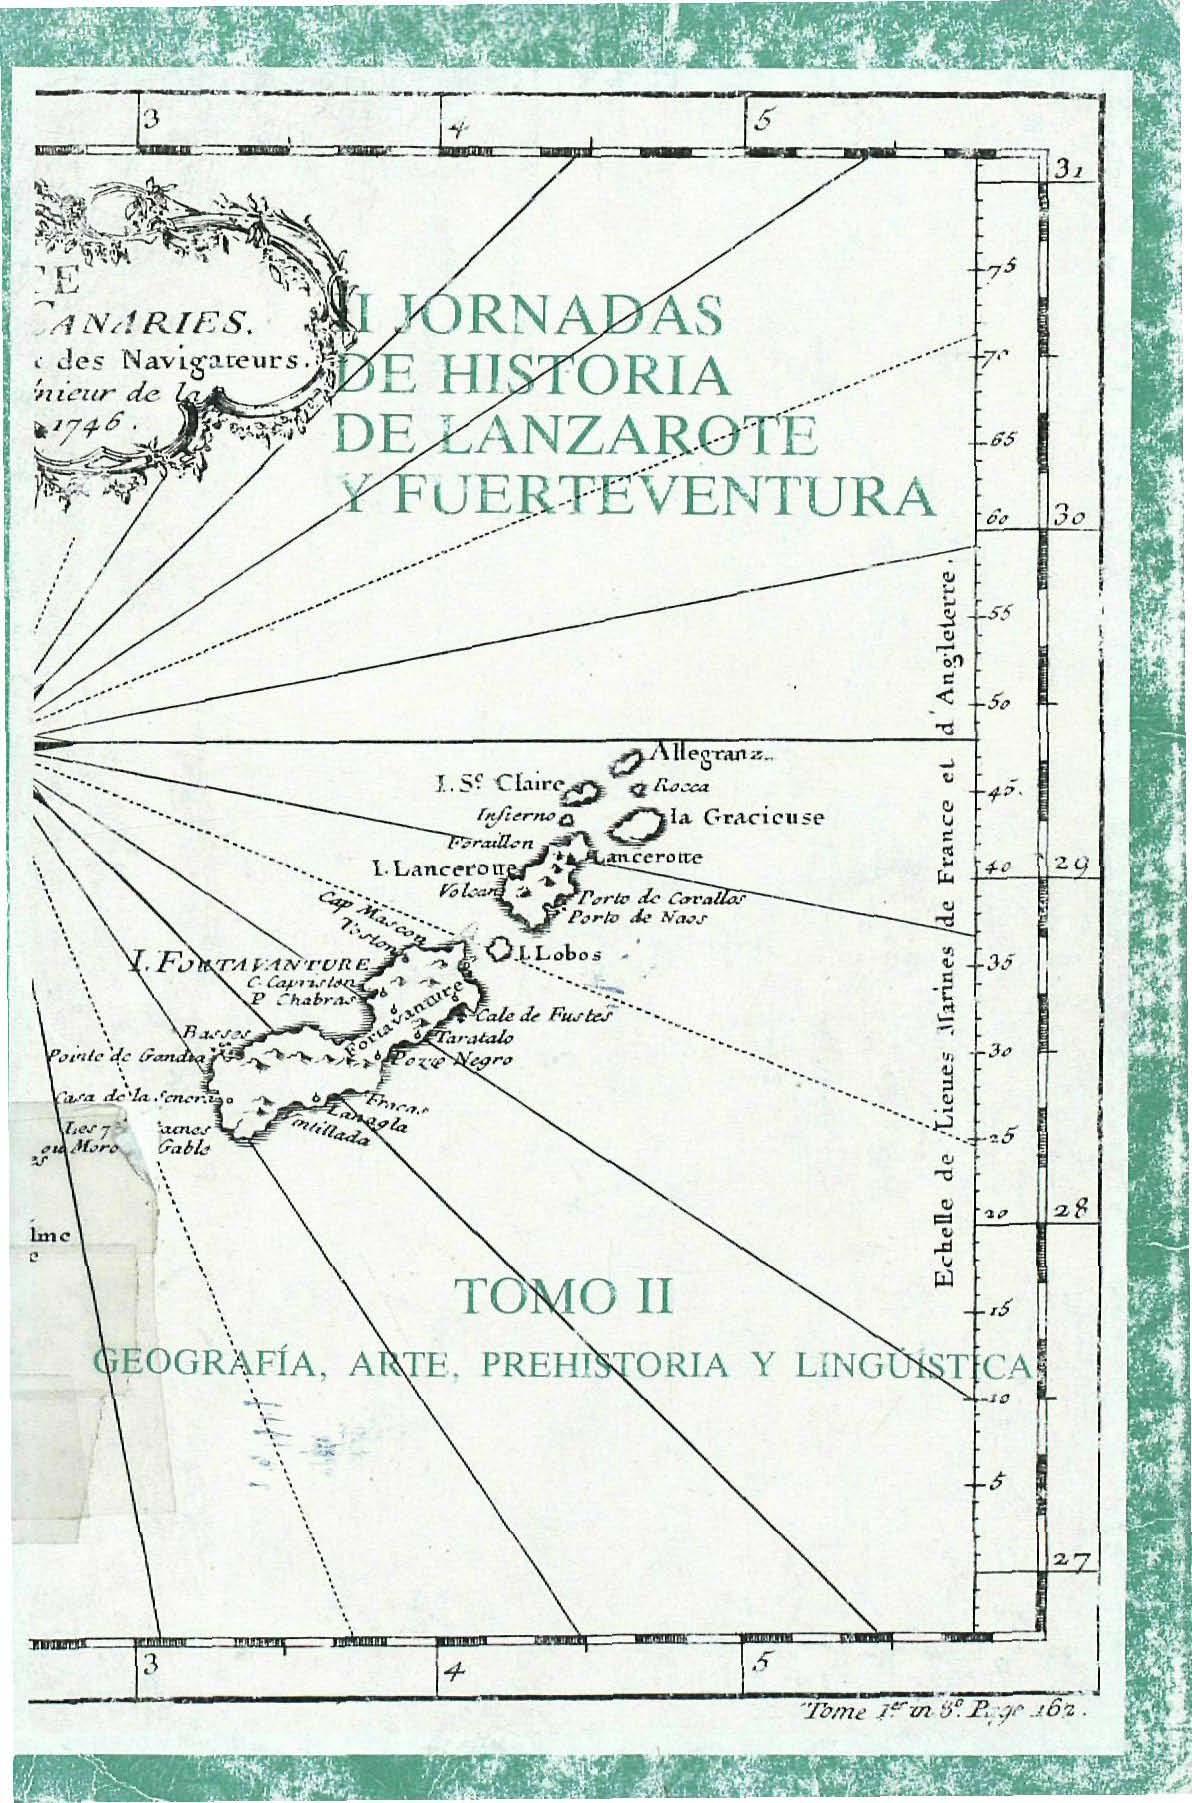 Aspectos arqueológicos y etnográficos de la comarca del Jable